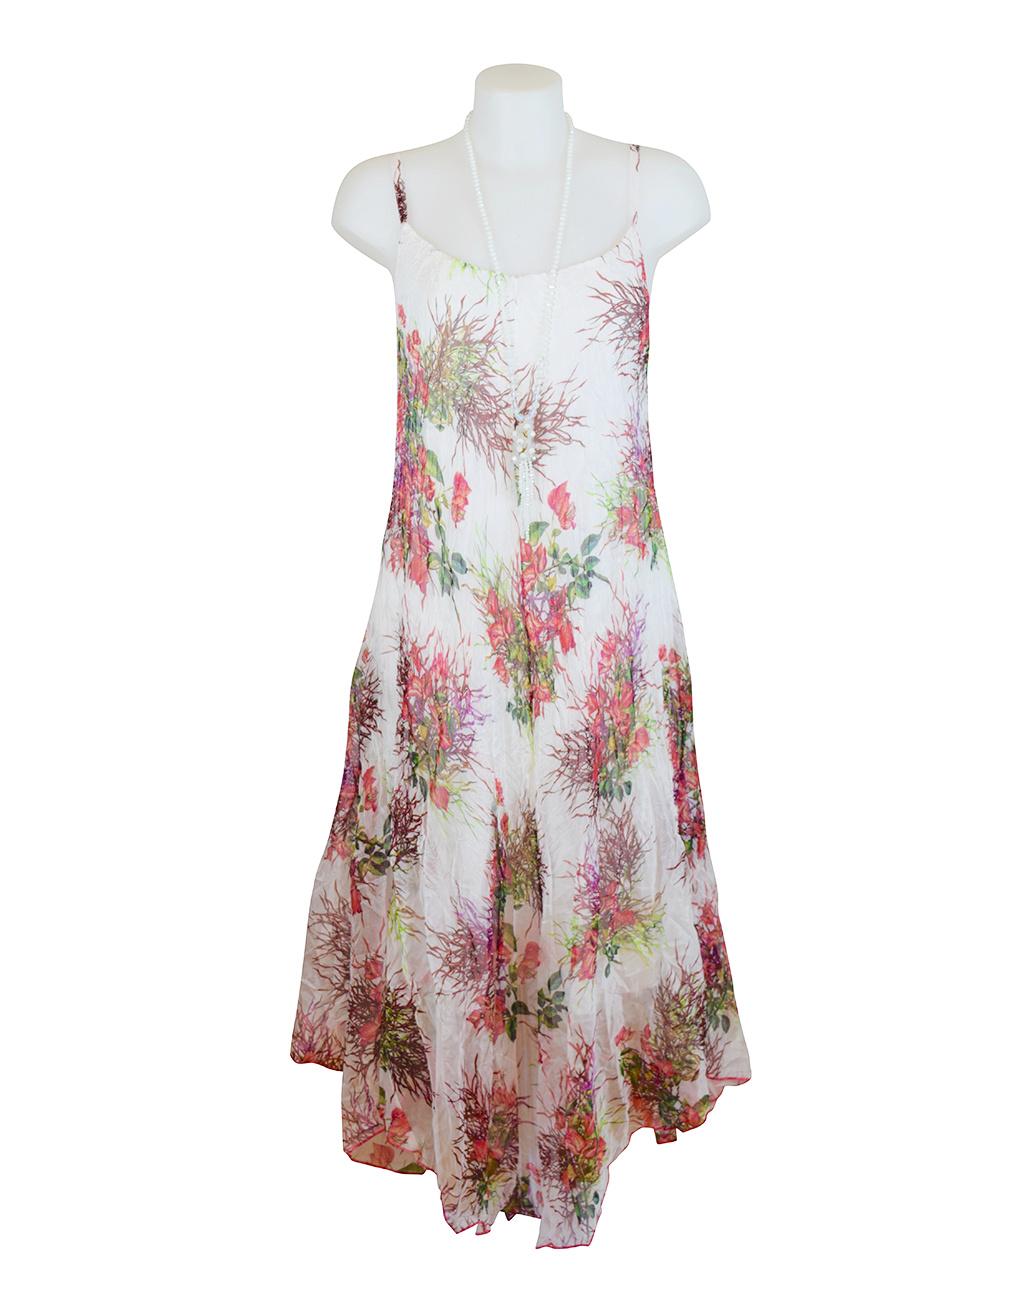 Sensations Pour Elle Ivory Floral Maxi Dress One Size